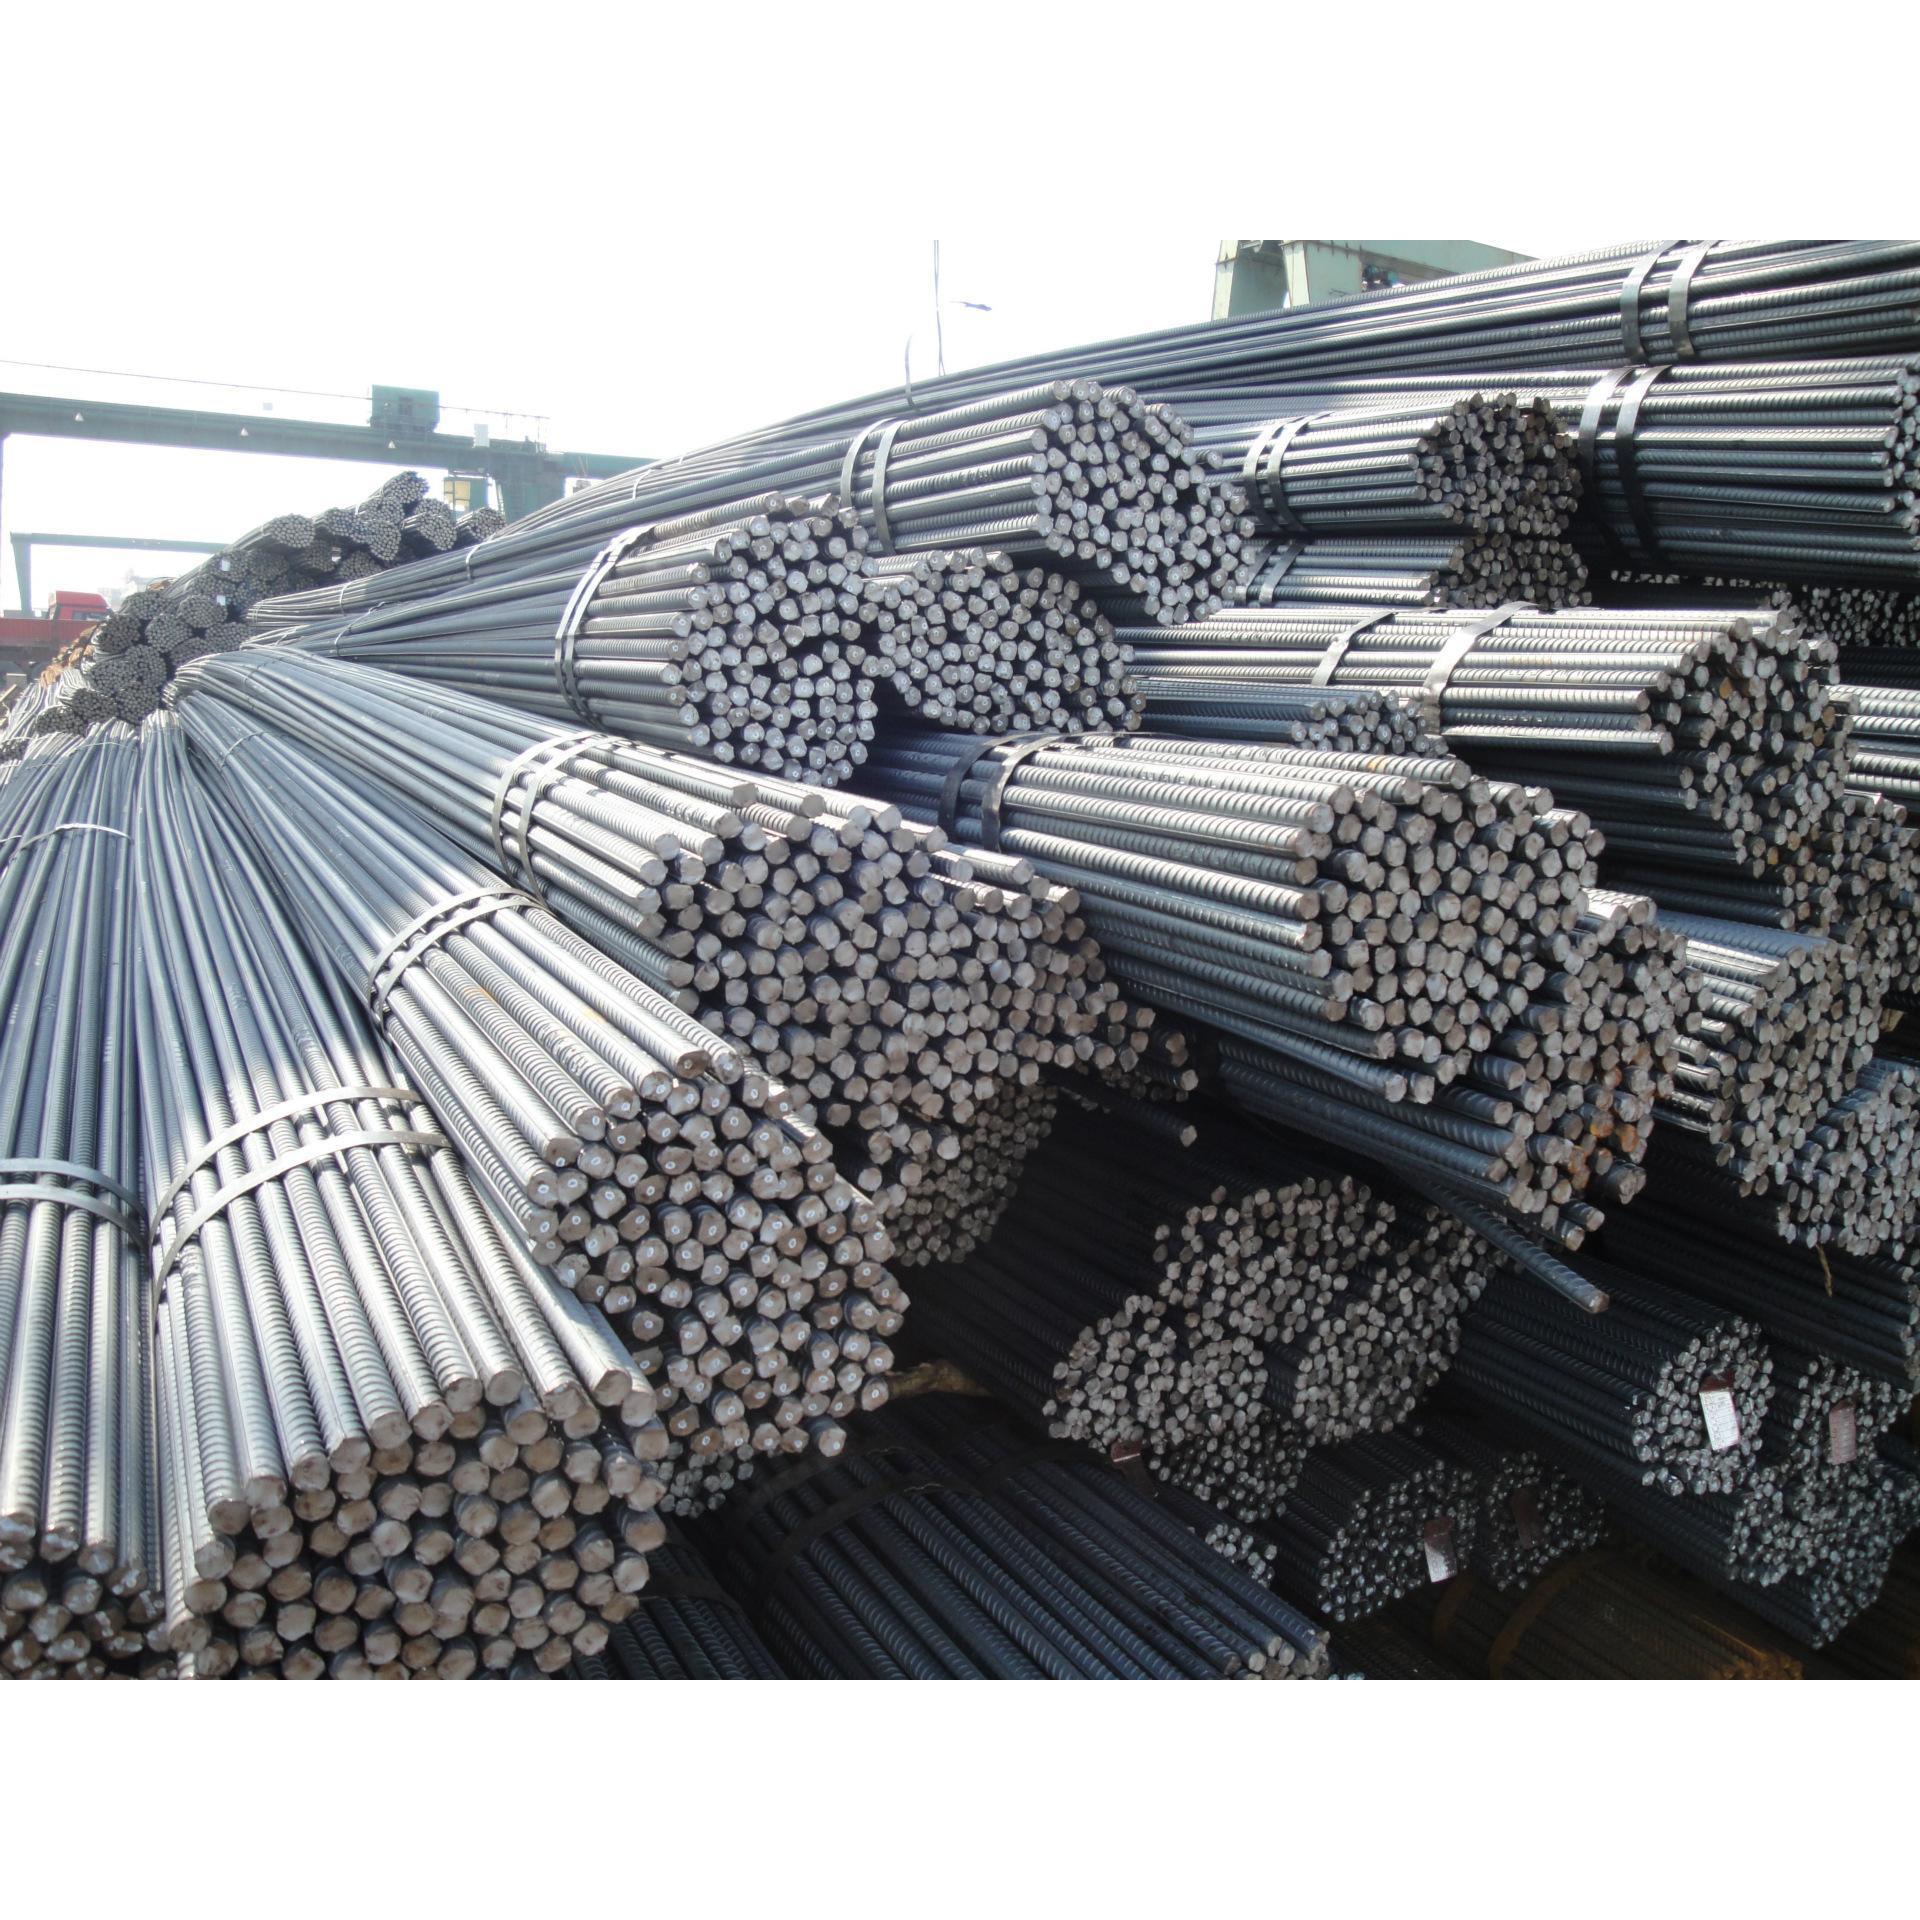 新疆25螺纹钢 创造辉煌 新疆中资银通贸易供应